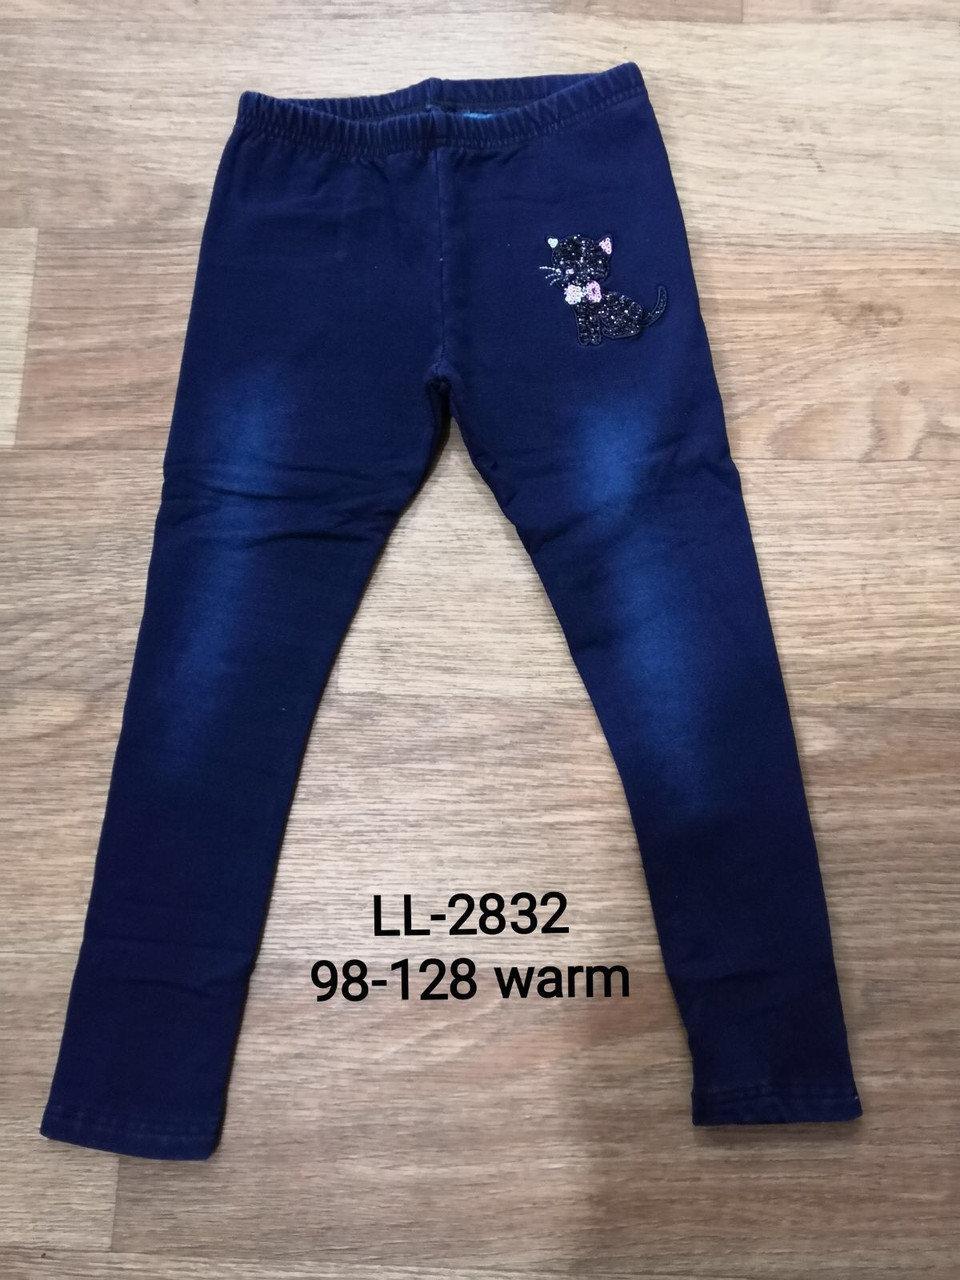 Лосины под джинс для девочек на флисе оптом Sincere  оптом, размеры 98-128р арт.LL 2832